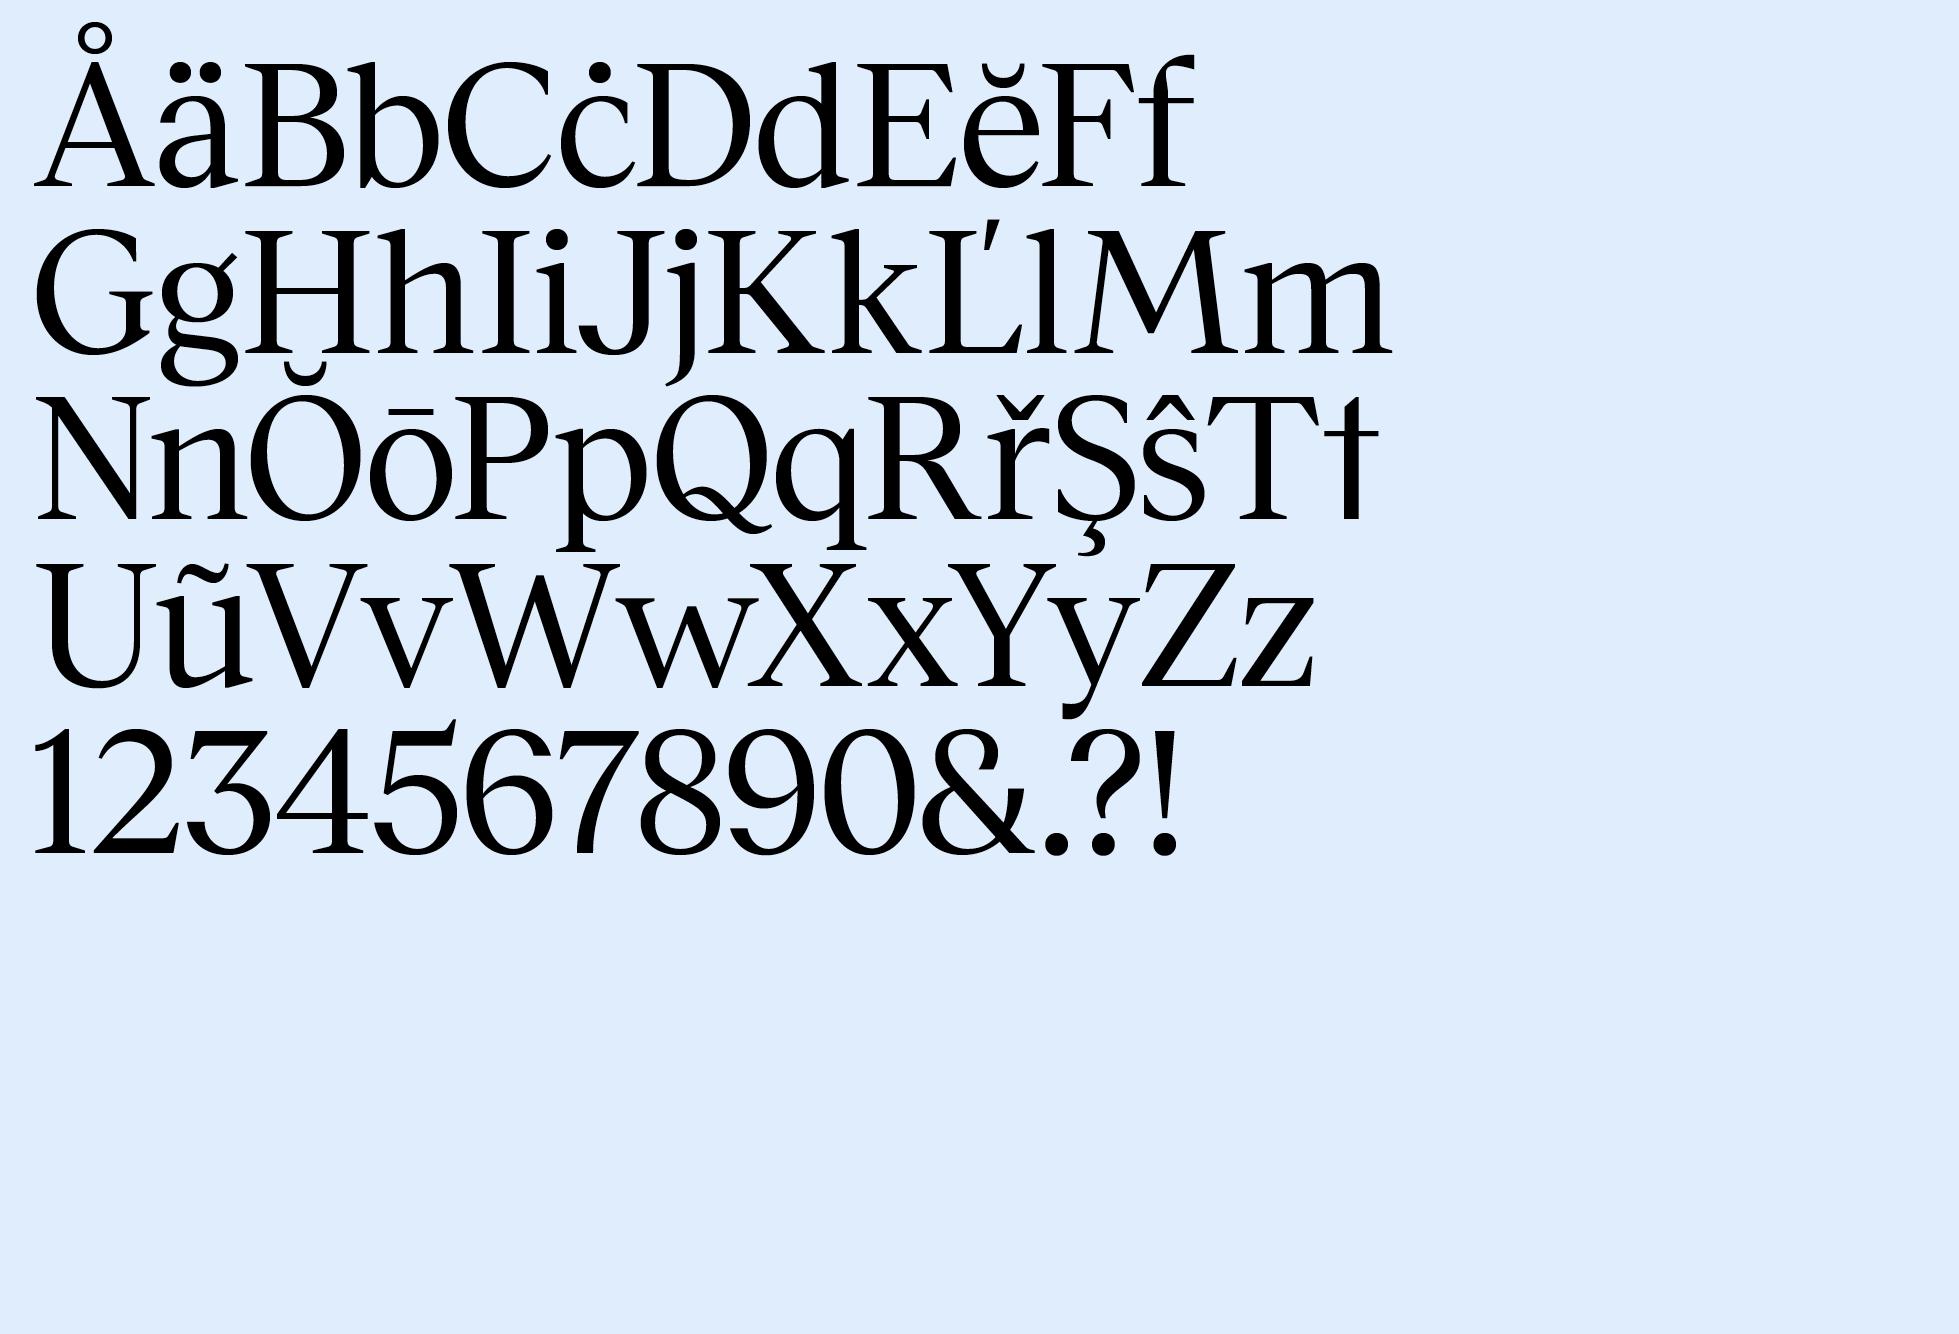 Museet Serif Regular (Basic Latin)